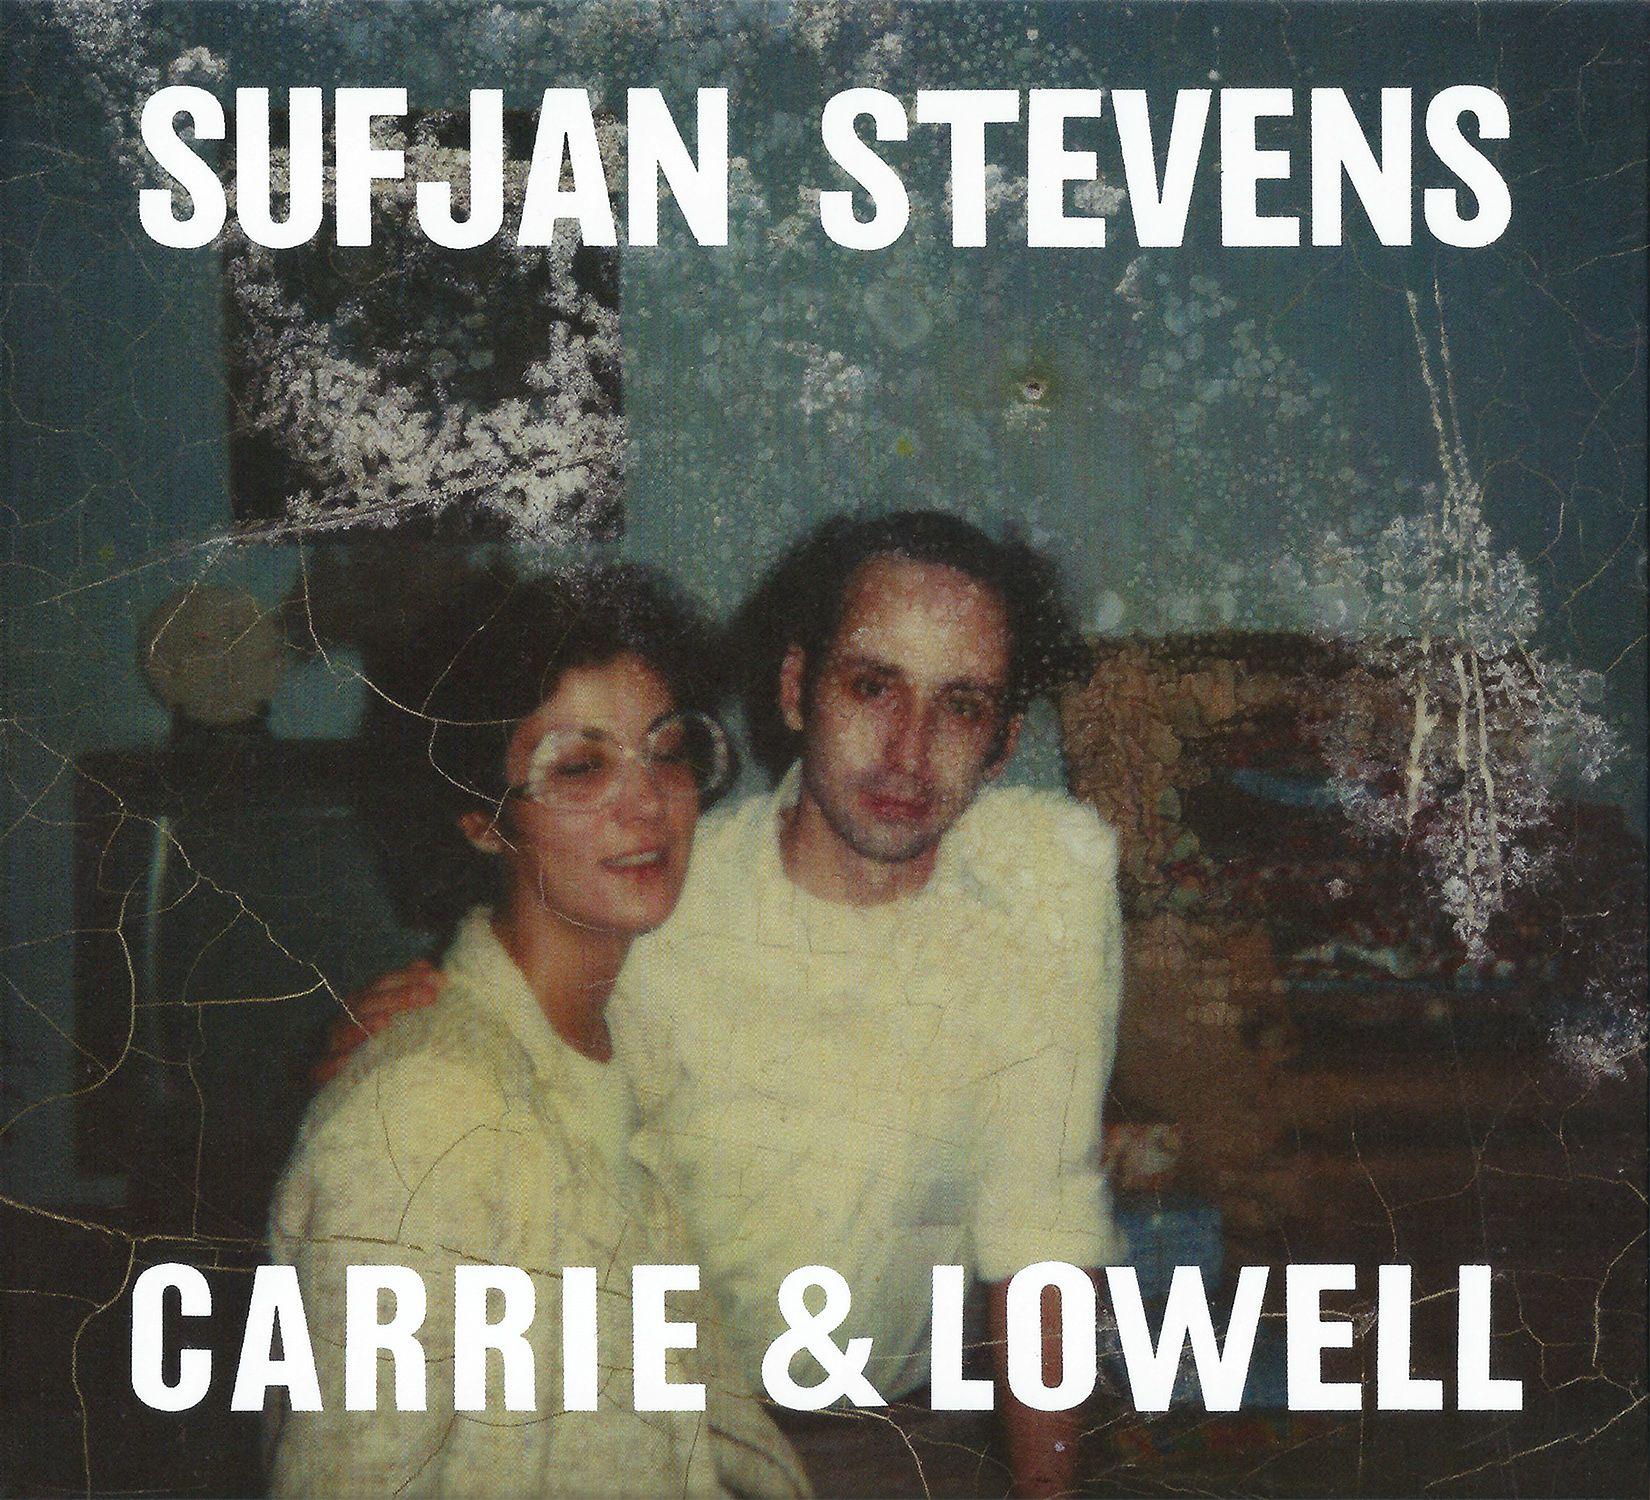 Sufjan Stevens - Carrie & Lowell album cover